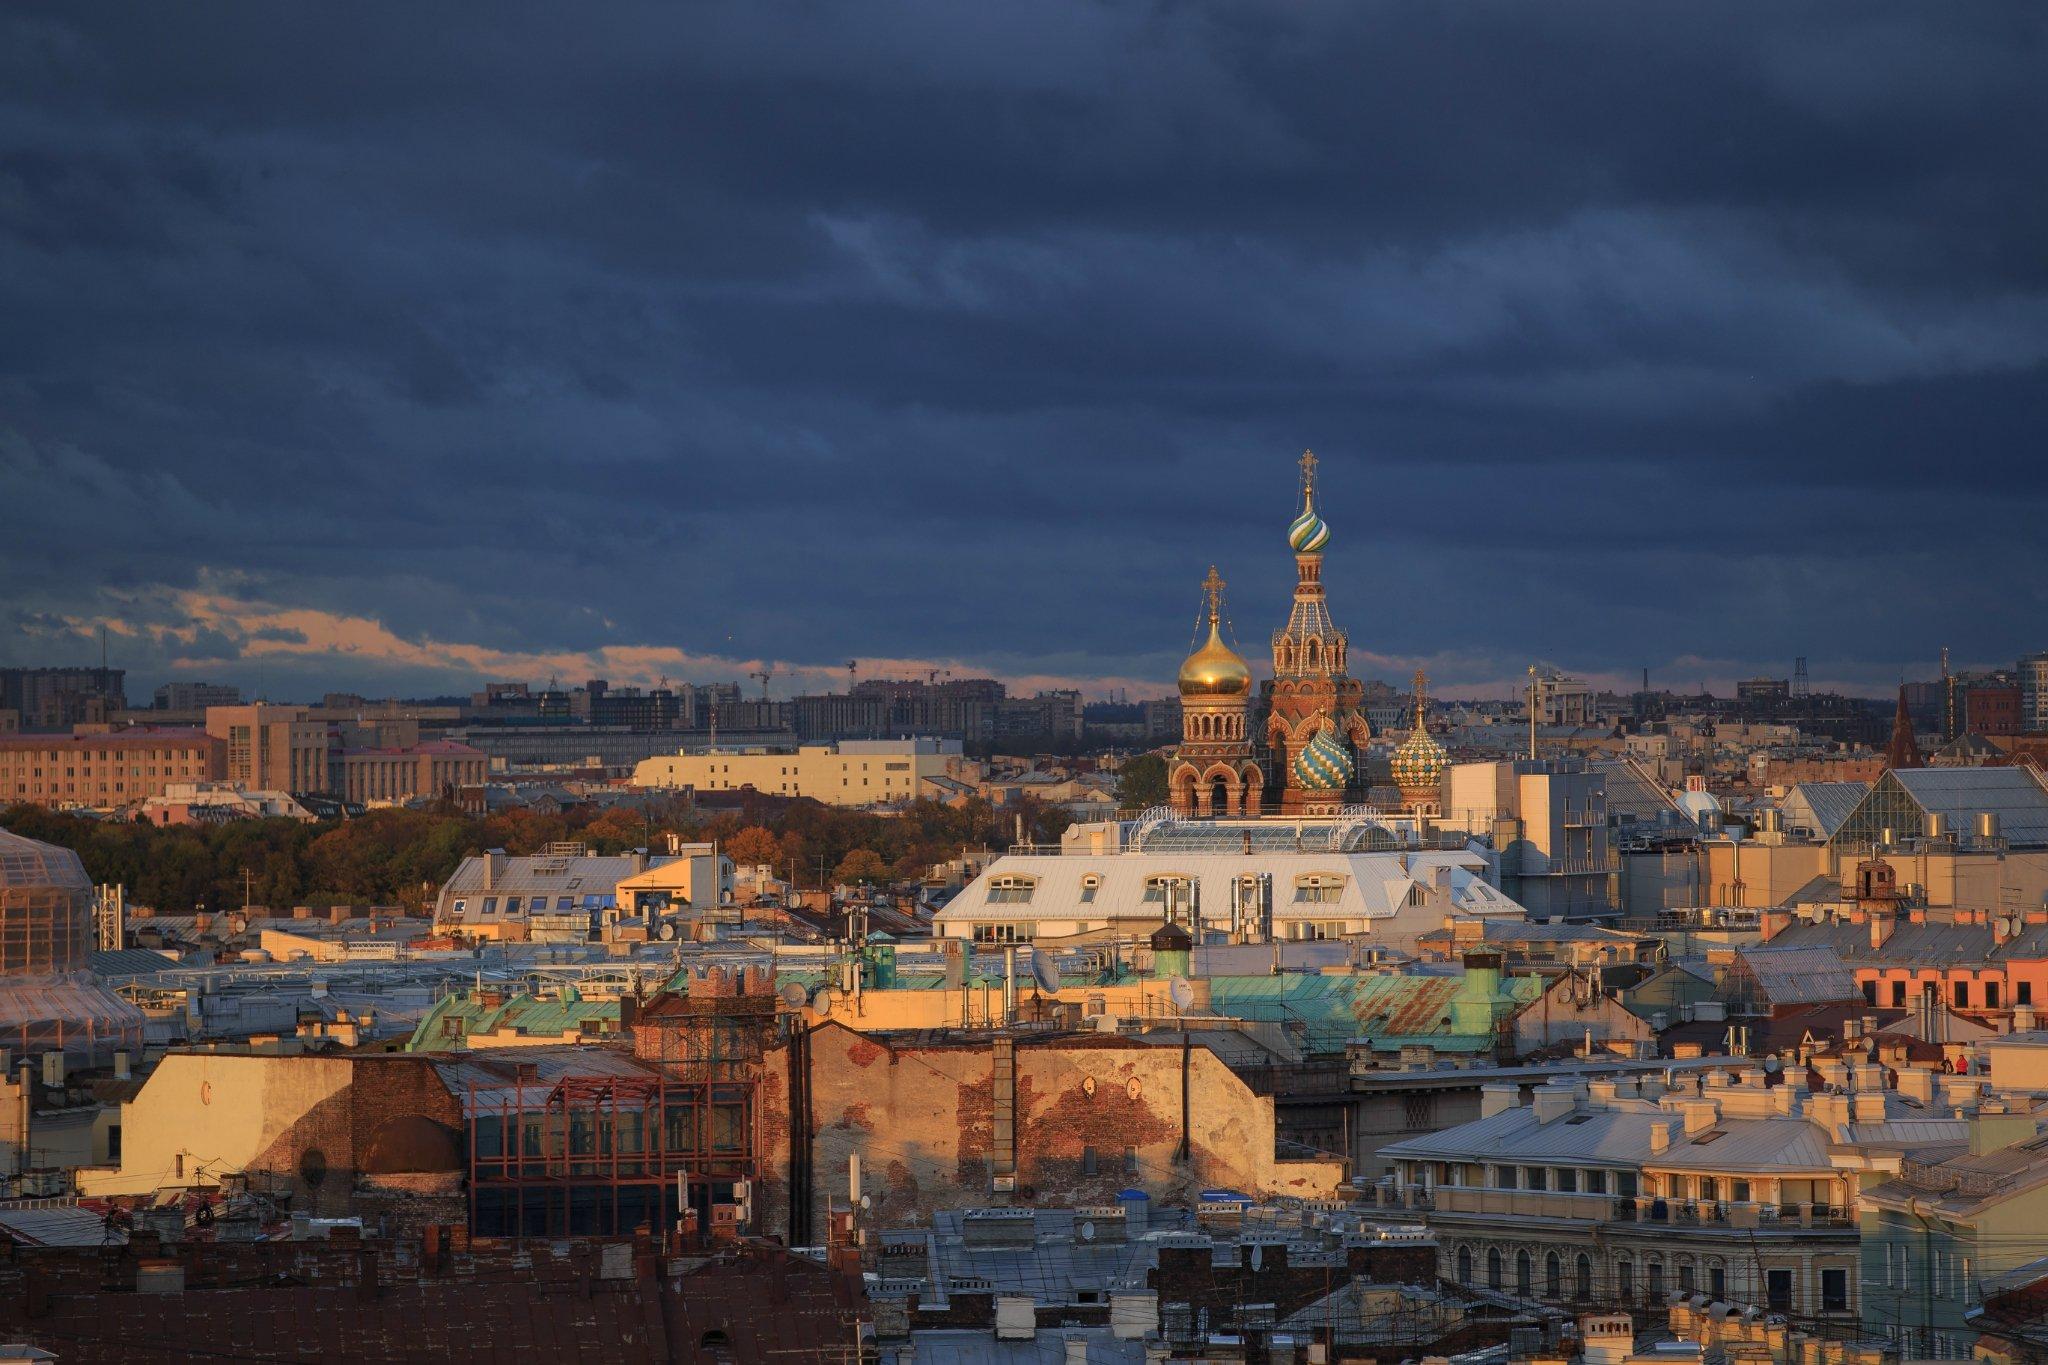 从贝加尔湖到圣彼得堡 --- 2016金秋俄罗斯穿越之旅